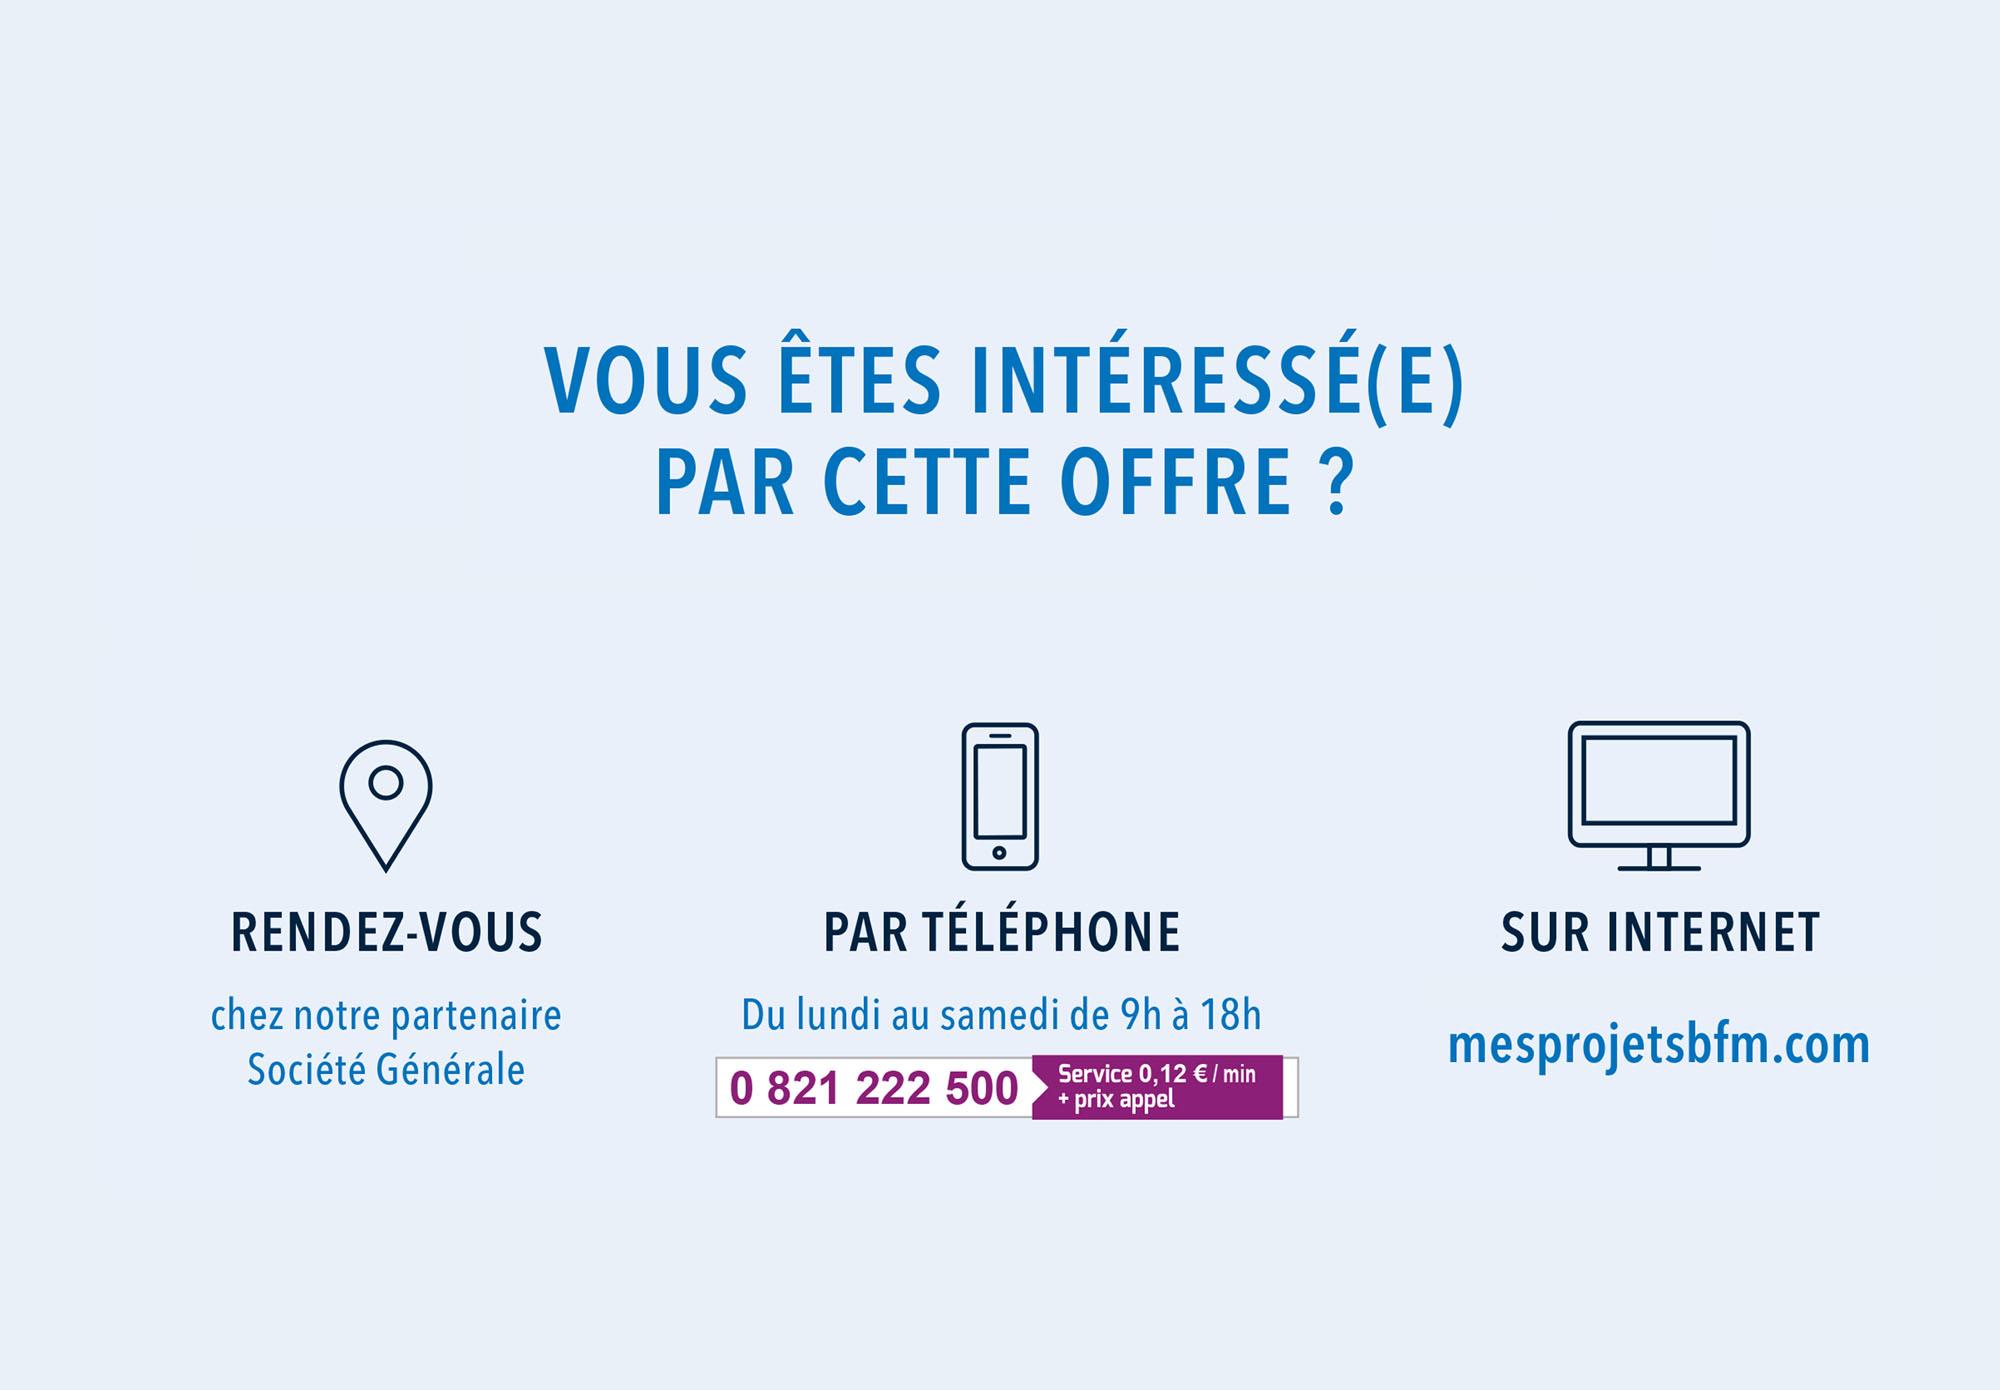 BFM - Banque Française Mutualiste - contacts